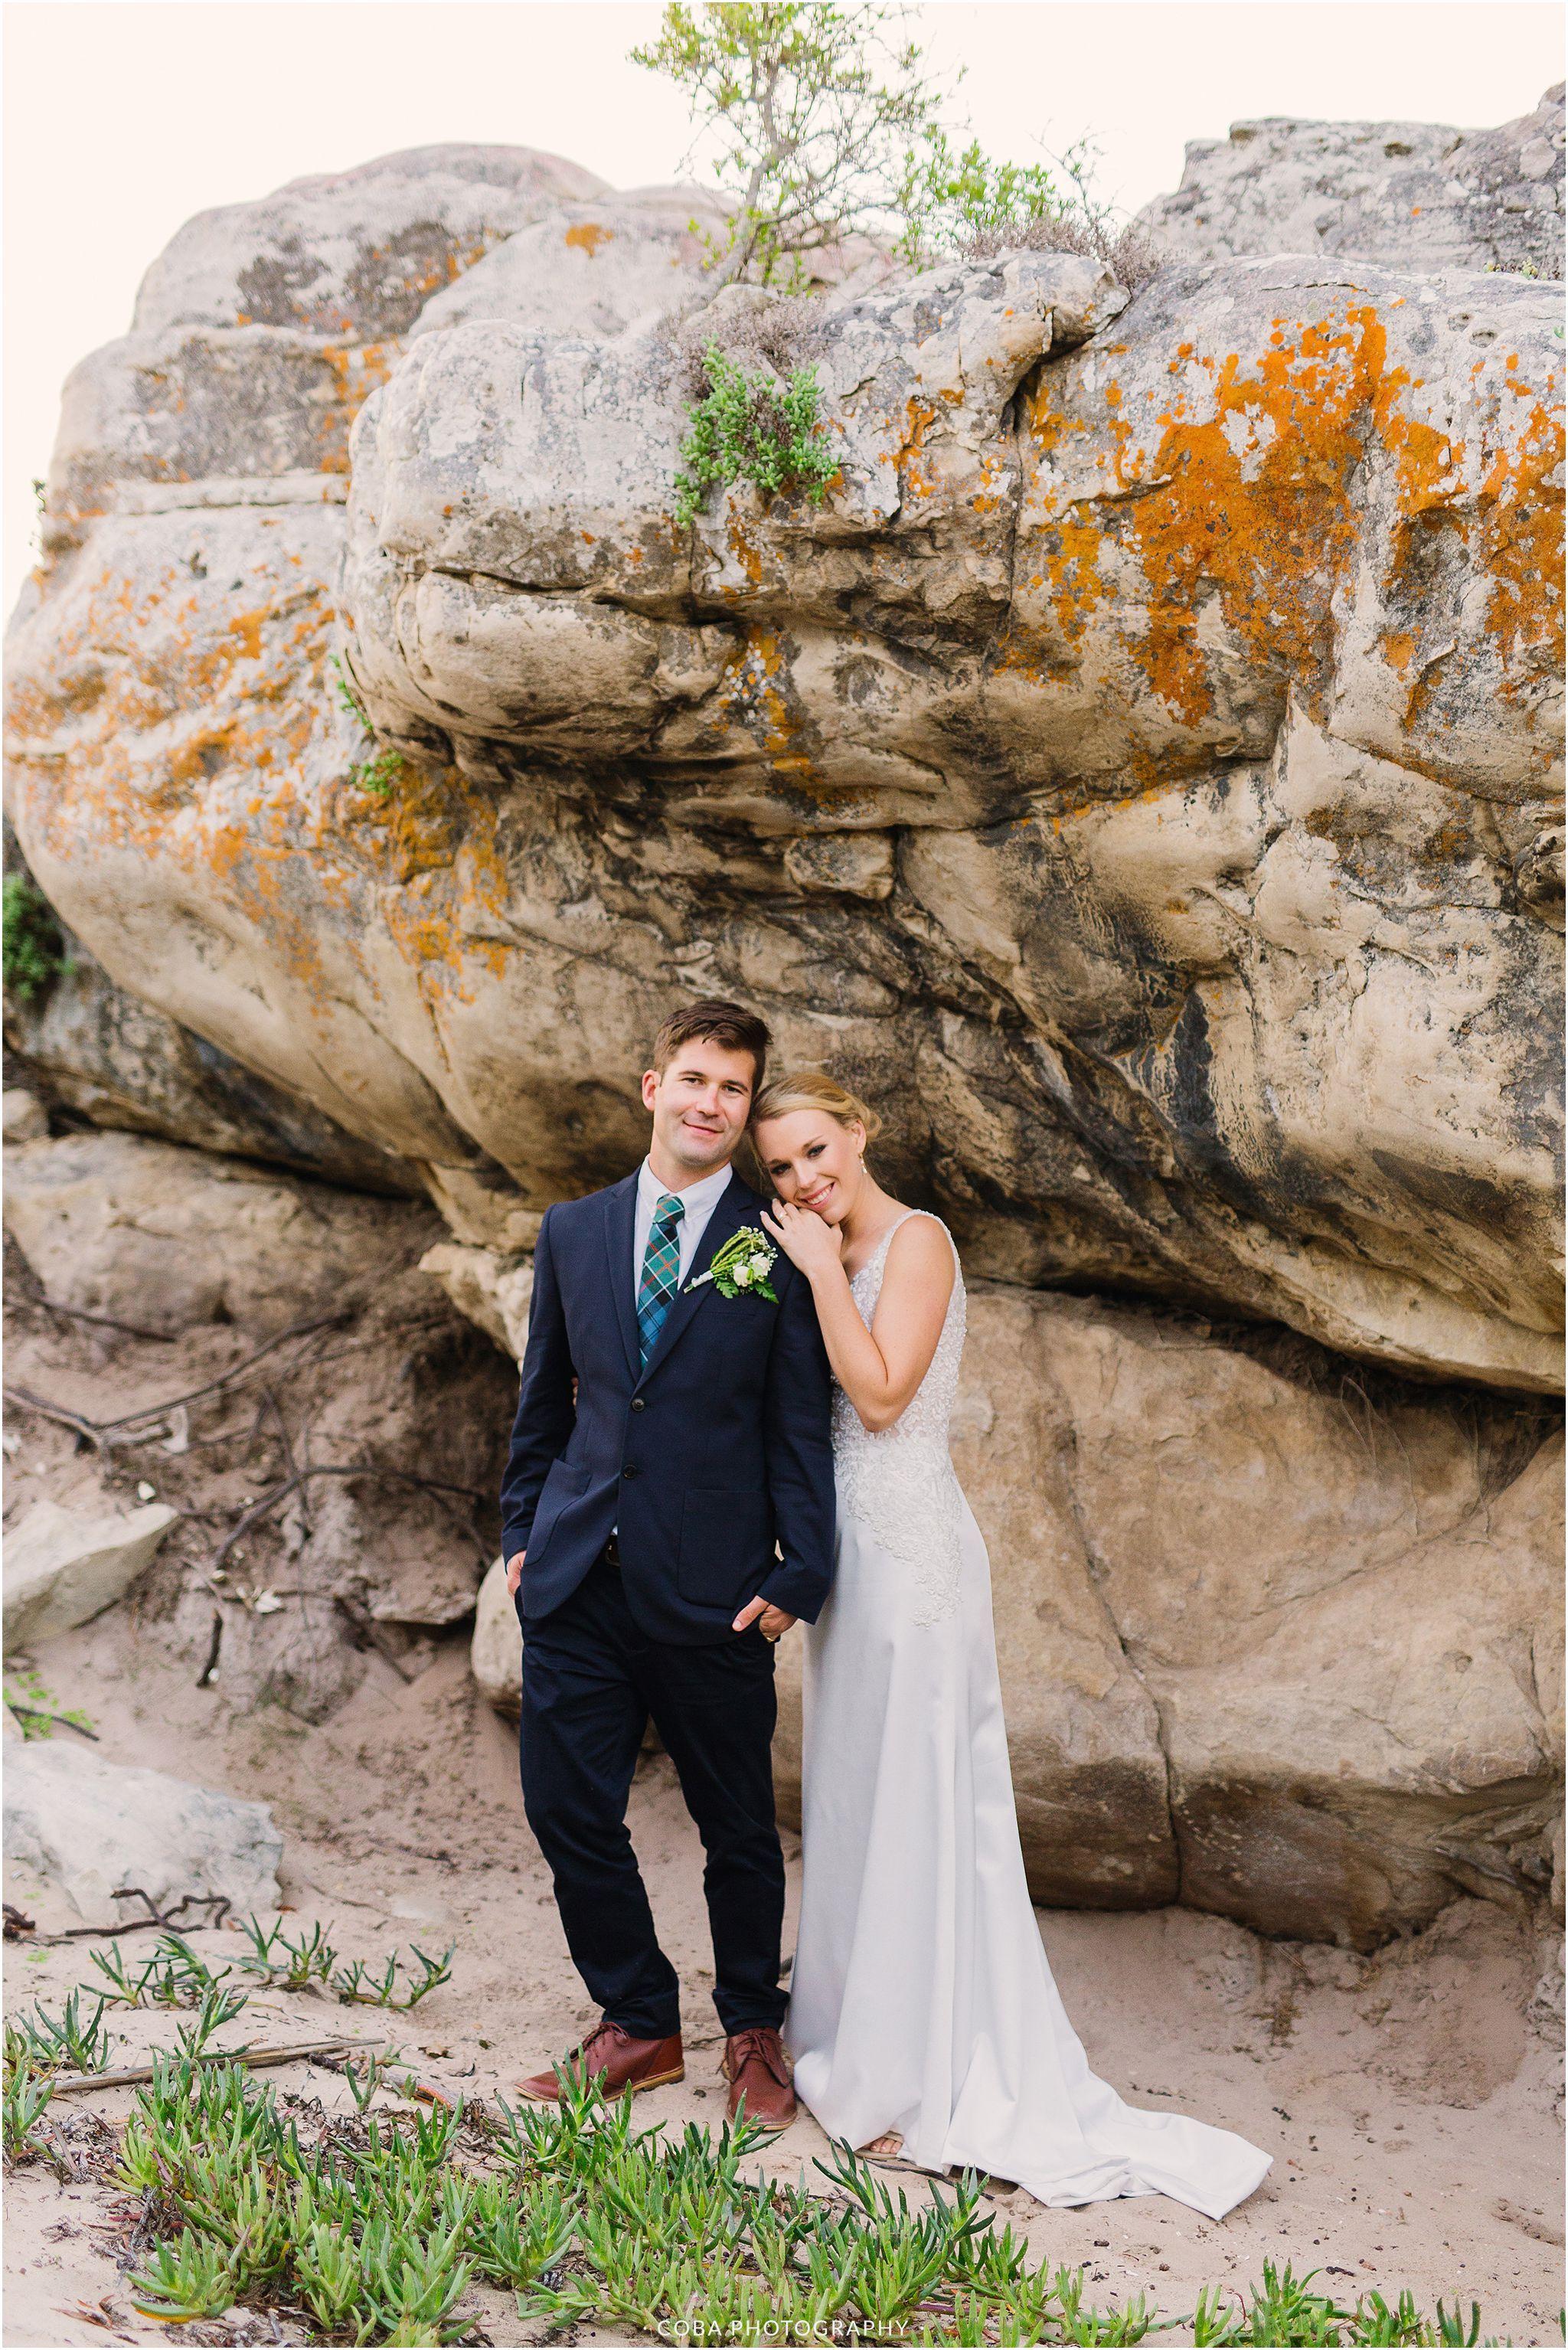 David megan unique wedding venues wedding couple